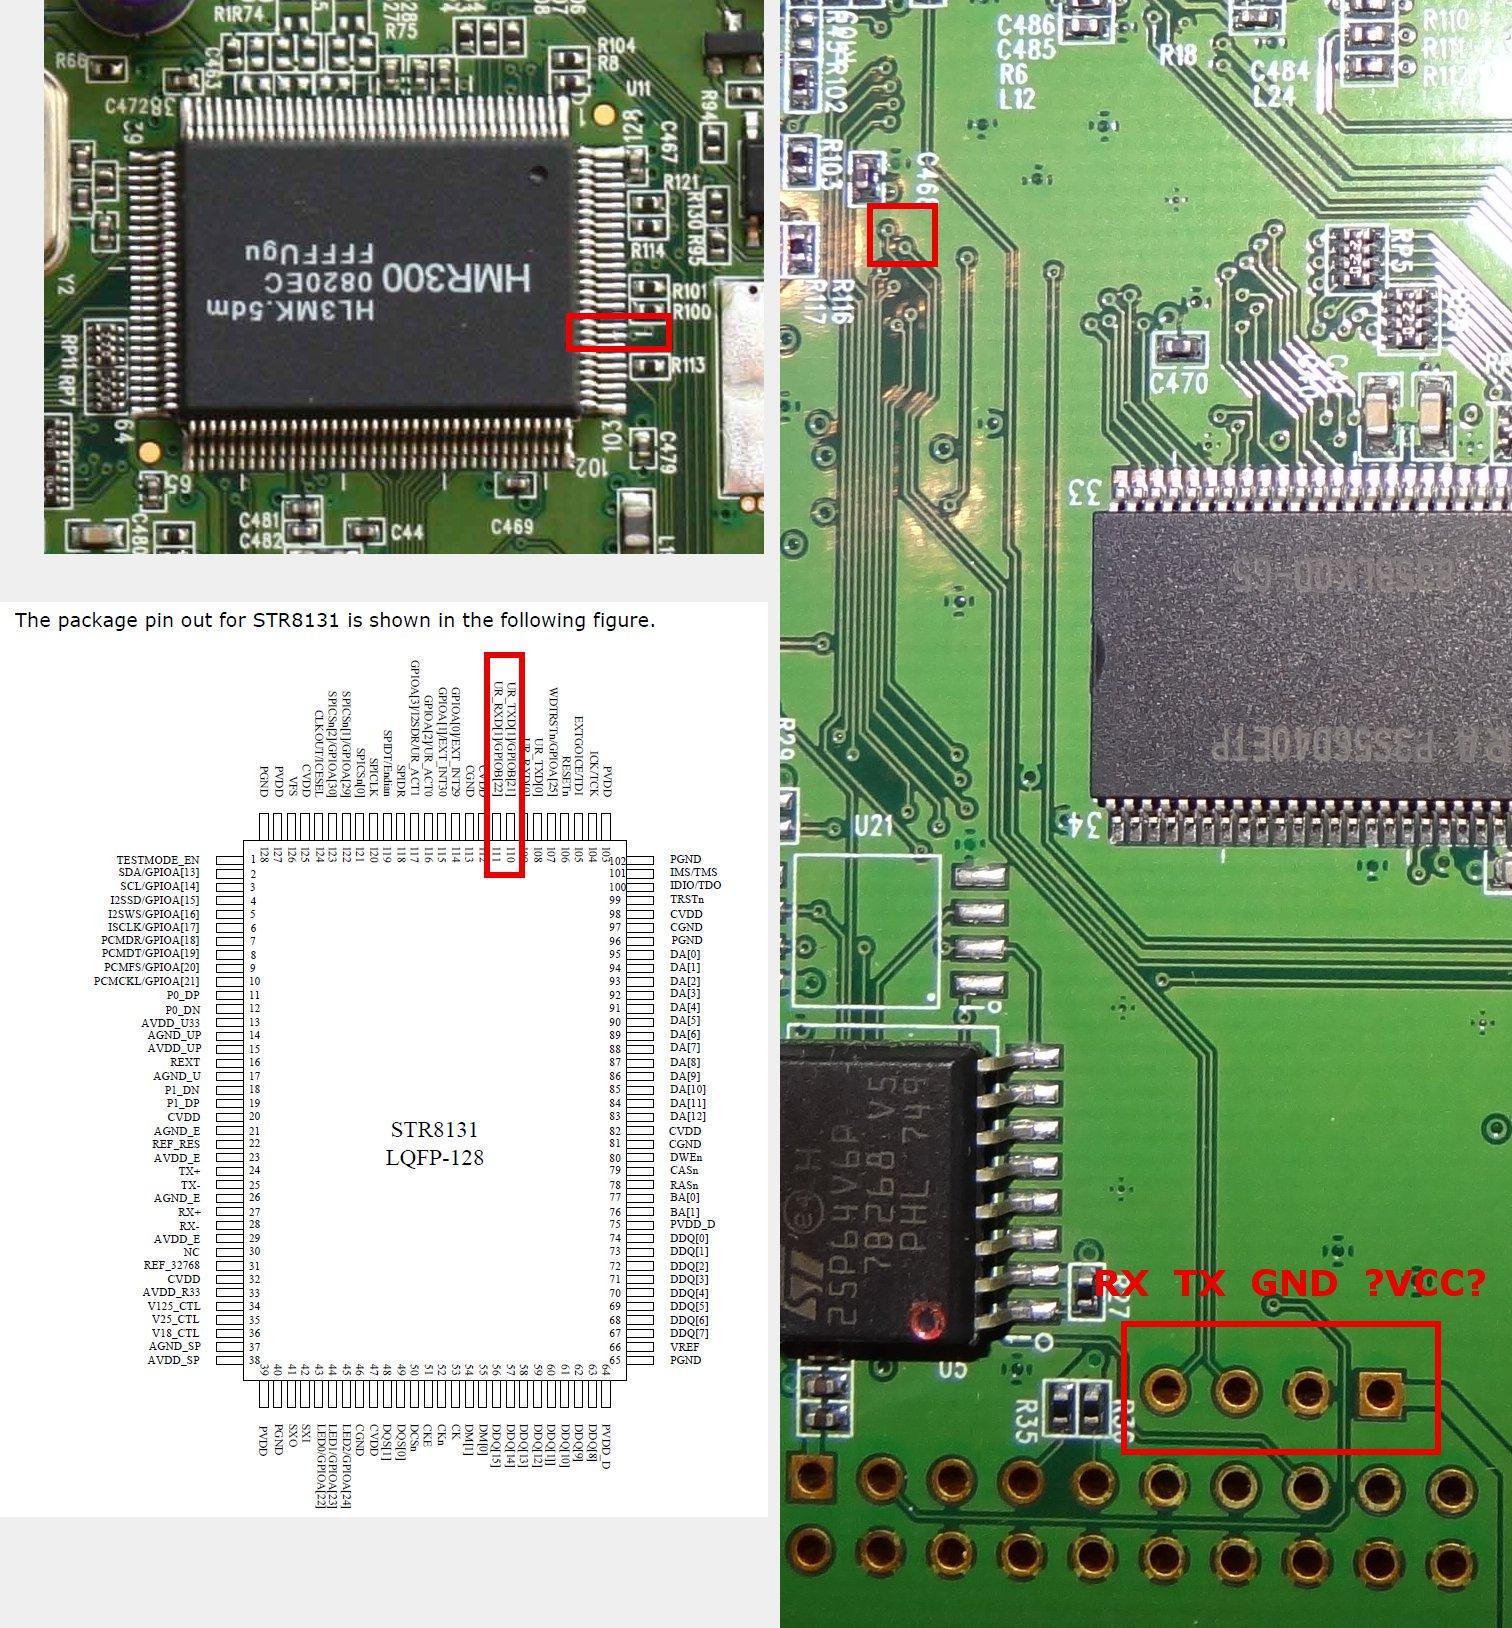 Programowanie pami�ci - odtwarzacz sieciowy TEAC WAP-8500.